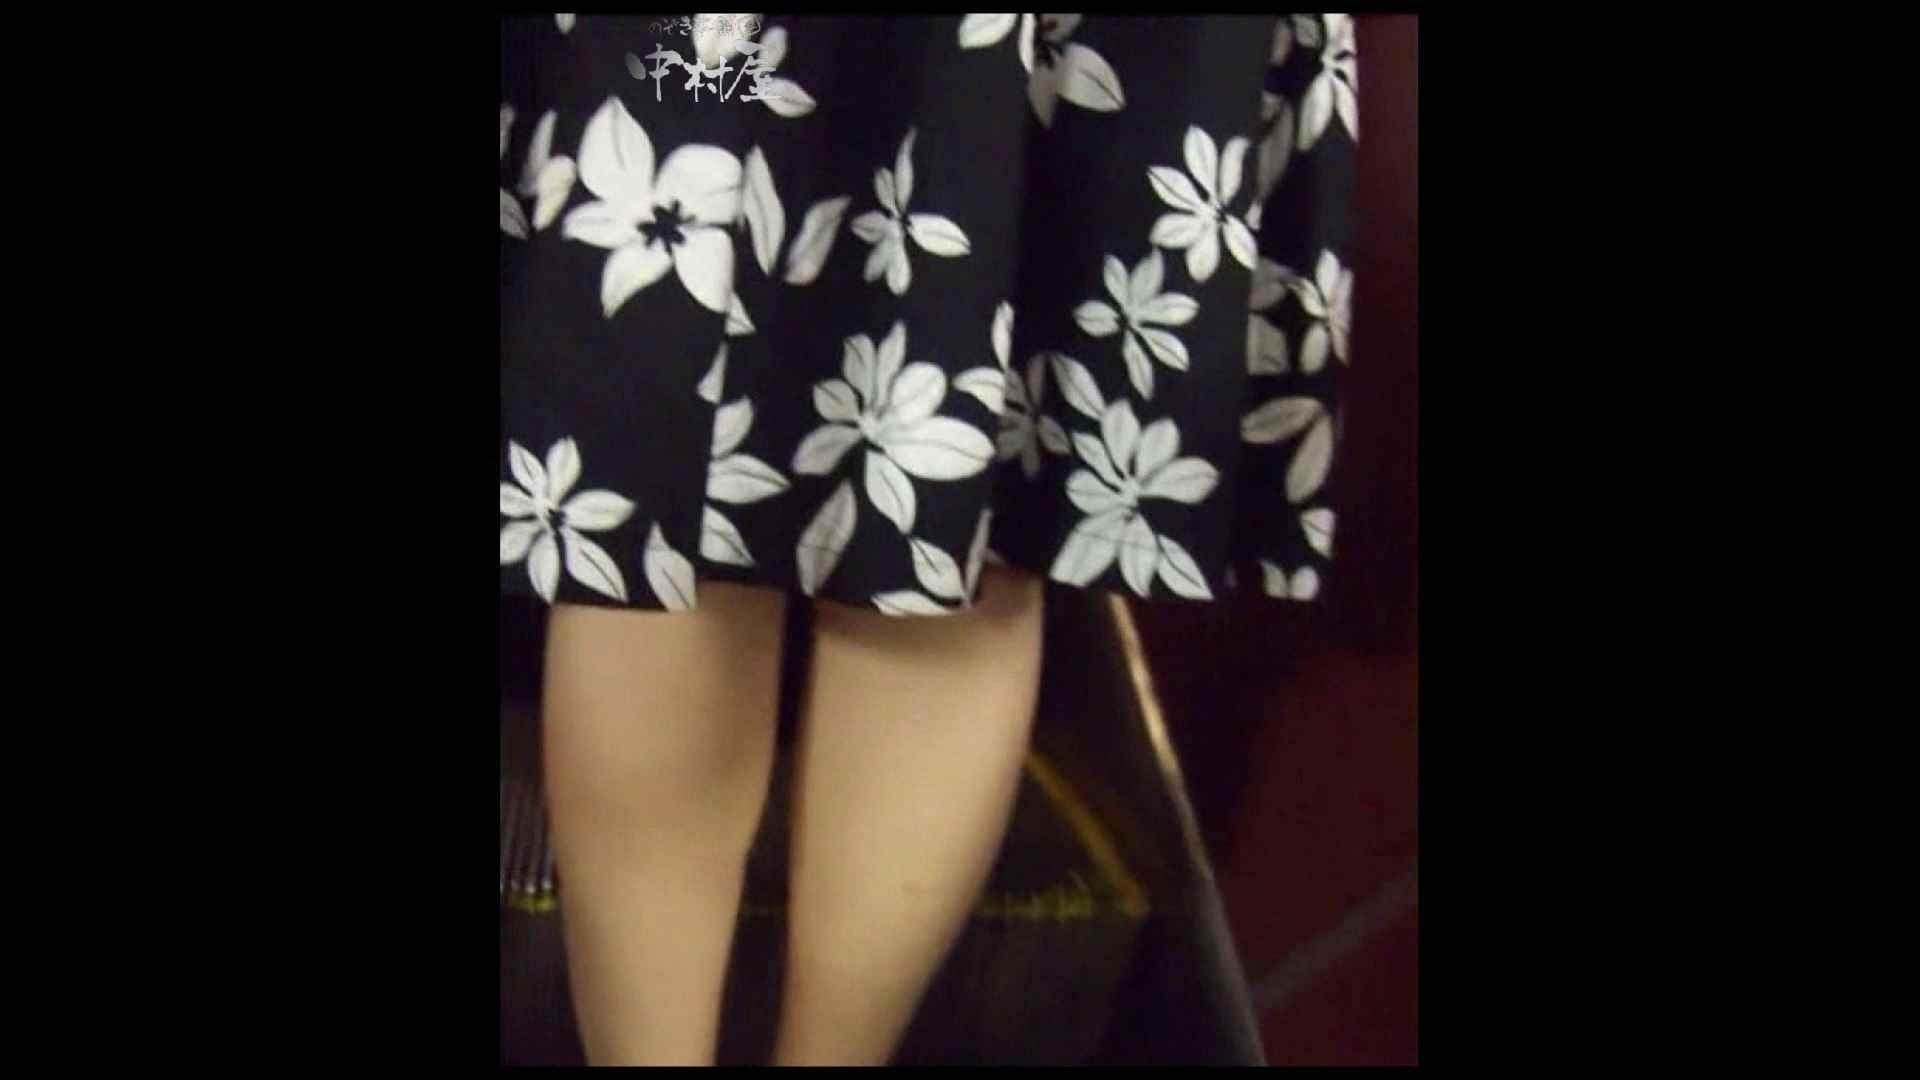 綺麗なモデルさんのスカート捲っちゃおう‼ vol29 OLのエロ生活 | モデルのエロ生活  83連発 79